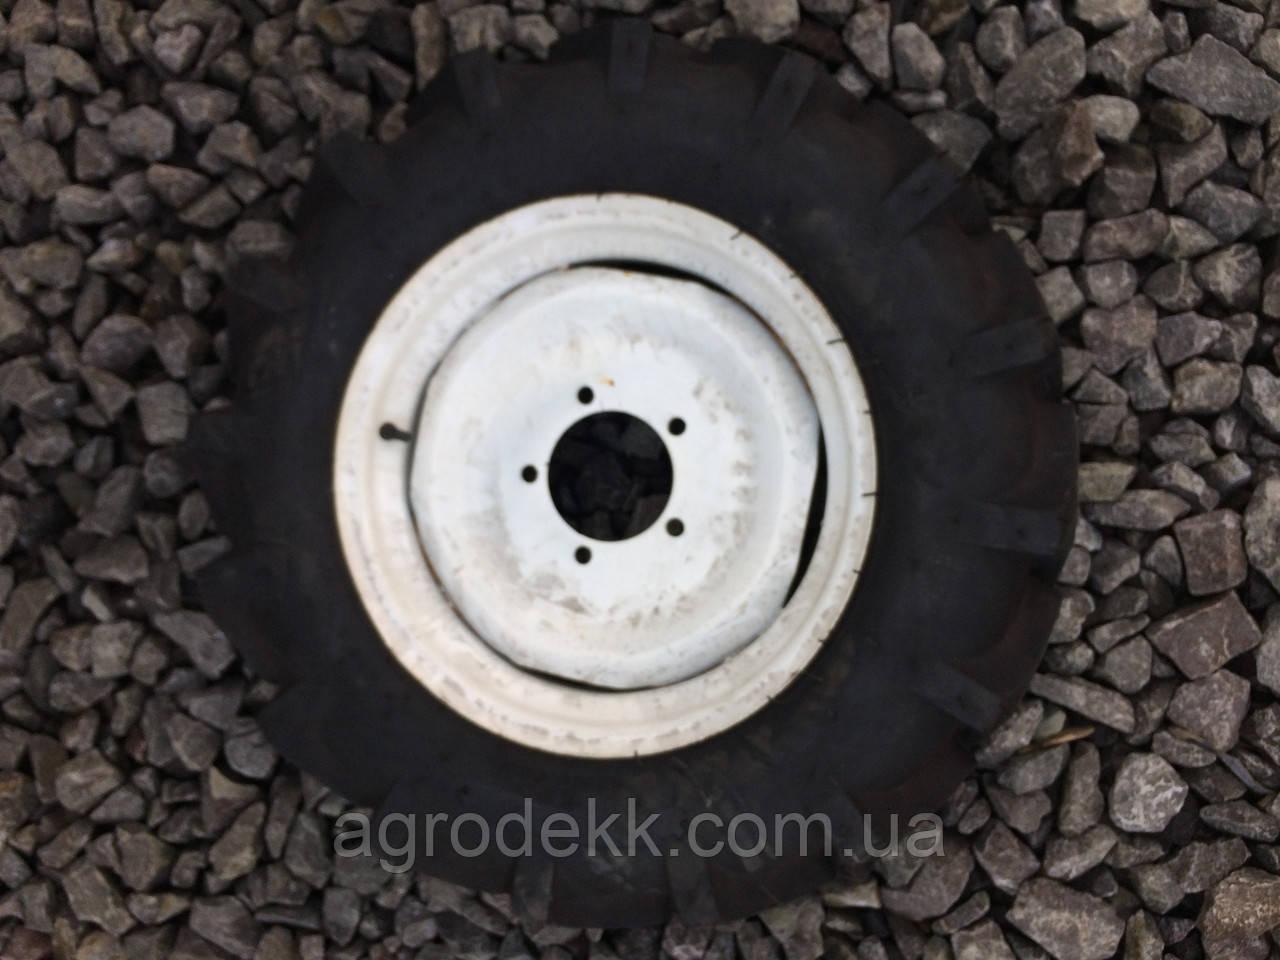 Колесо в сборе 6.50*16 (под 5 болтов) 10PR - мототрактор